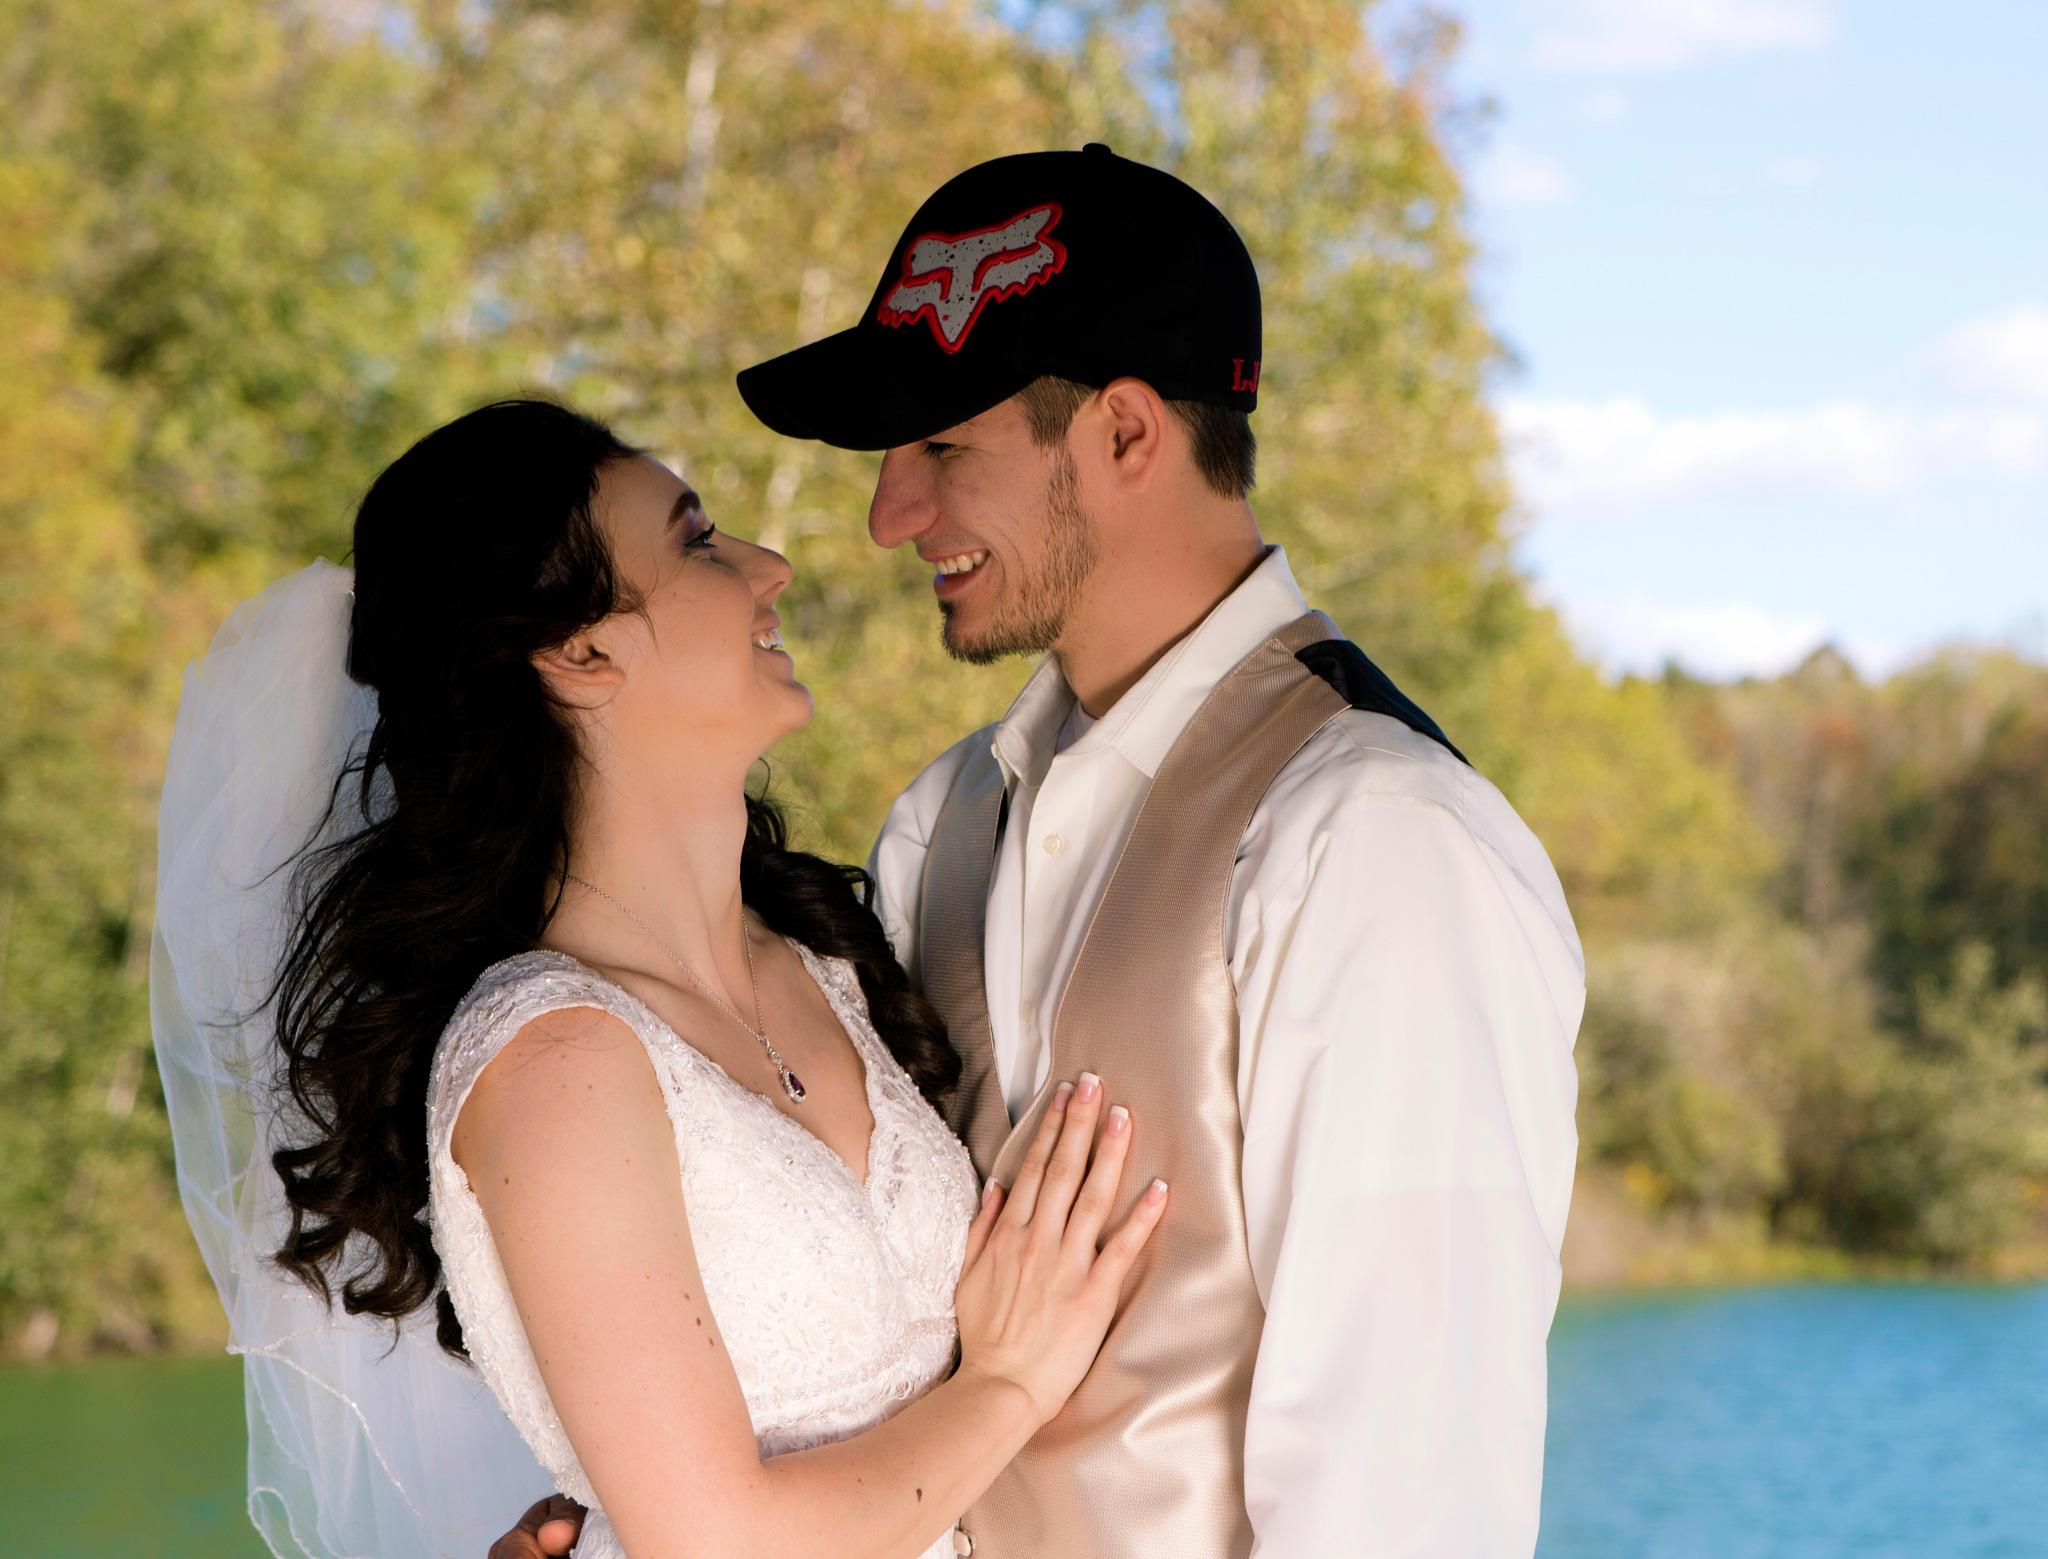 Mr. & Mrs. Kyer by Tiffany Bumgardner